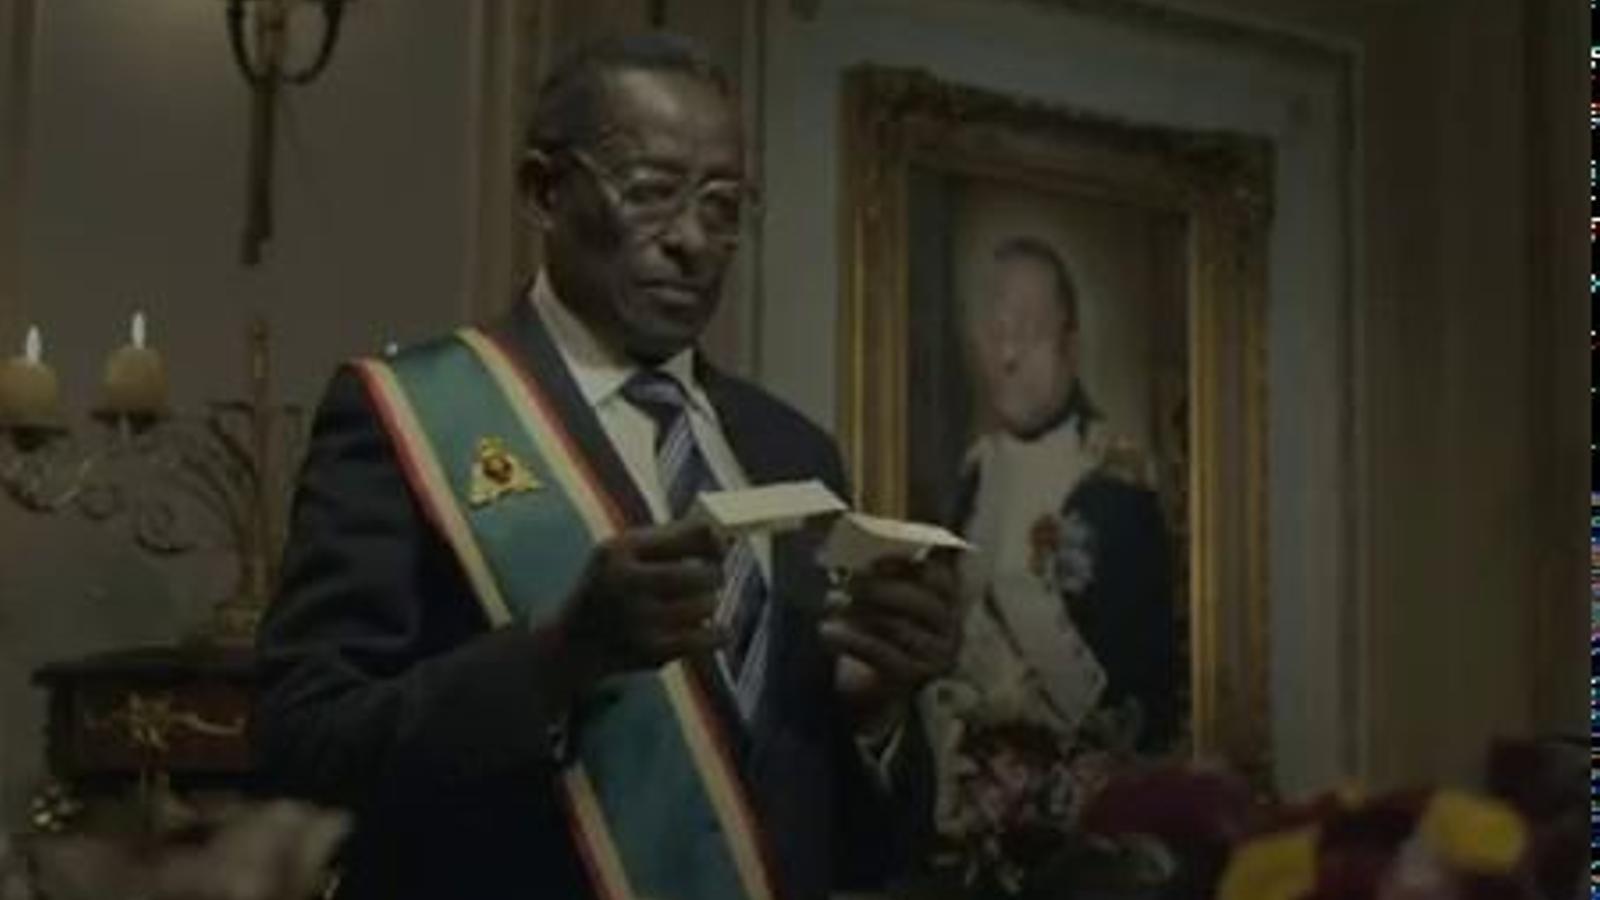 Una cadena de menjar ràpid parodia dictadors morts en un anunci musical